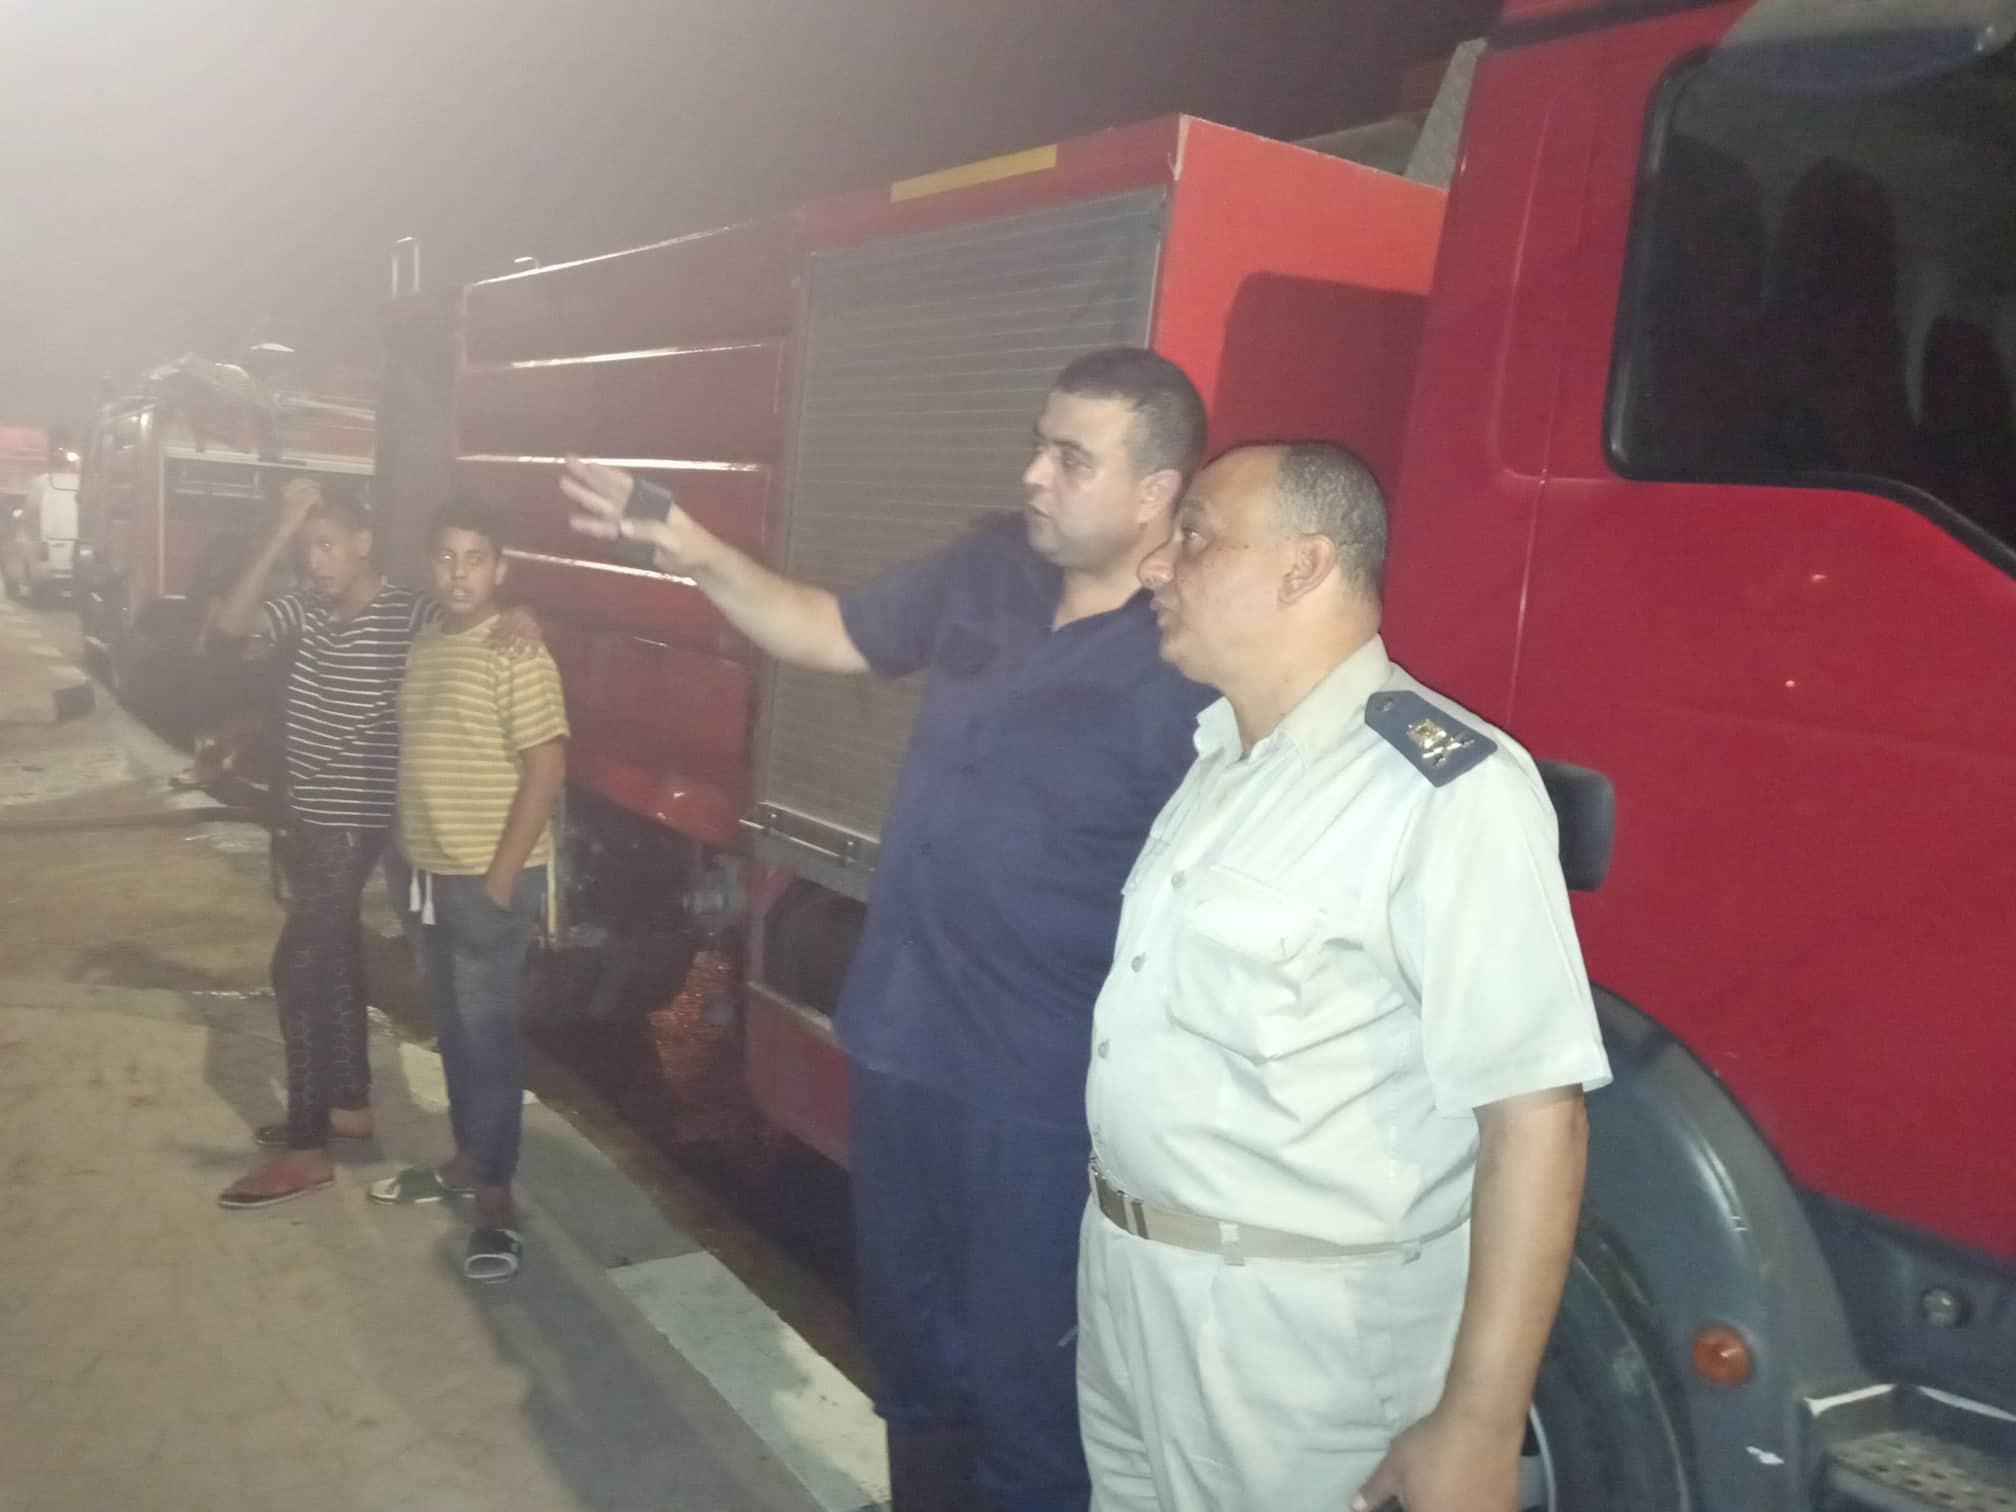 12 سيارة إطفاء للسيطرة على حريق بمصنع أدوات كهربائية بالعاشر من رمضان (1)